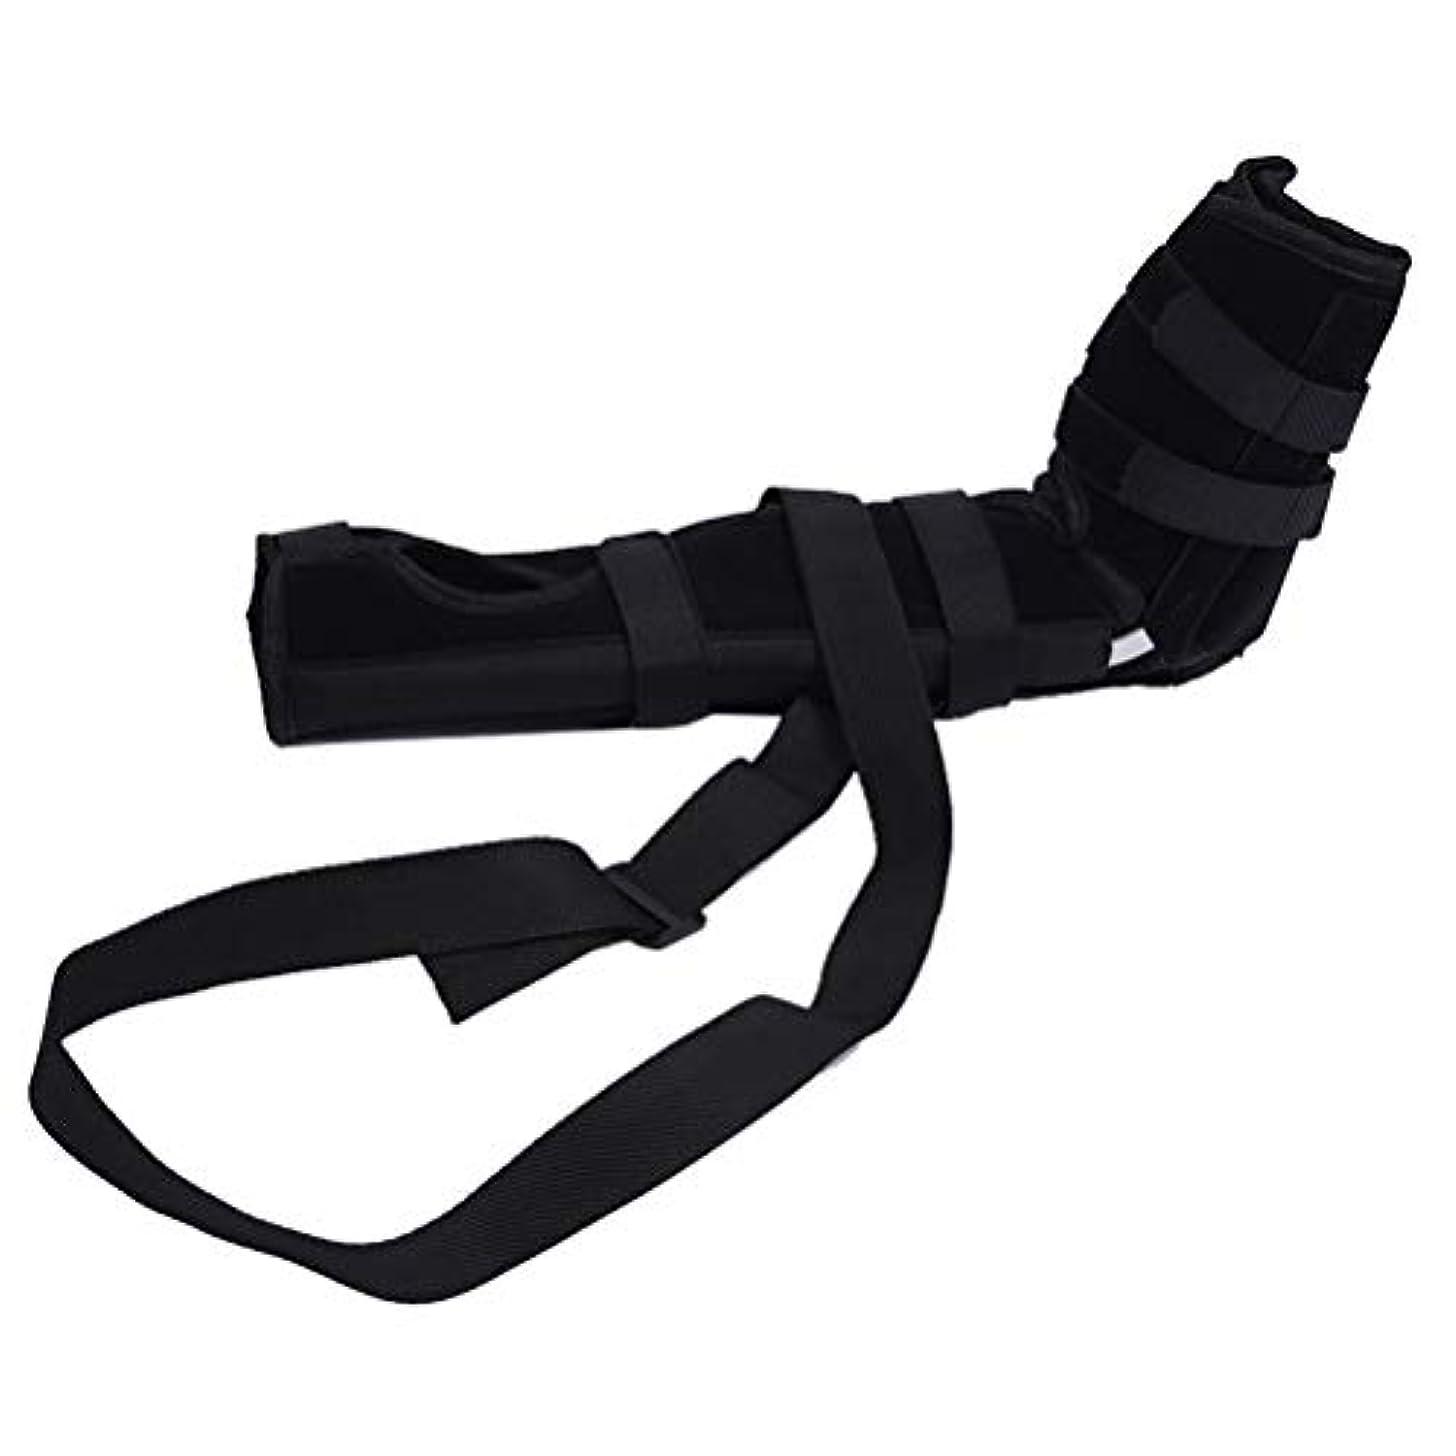 ラオス人フレキシブル議会SUPVOX 肘ブレース 関節サポート アームリーダー 保護 固定 腕つり 関節 保護 男女兼用 調節可能 通気性 術後ケアブレース(ブラック サイズL)